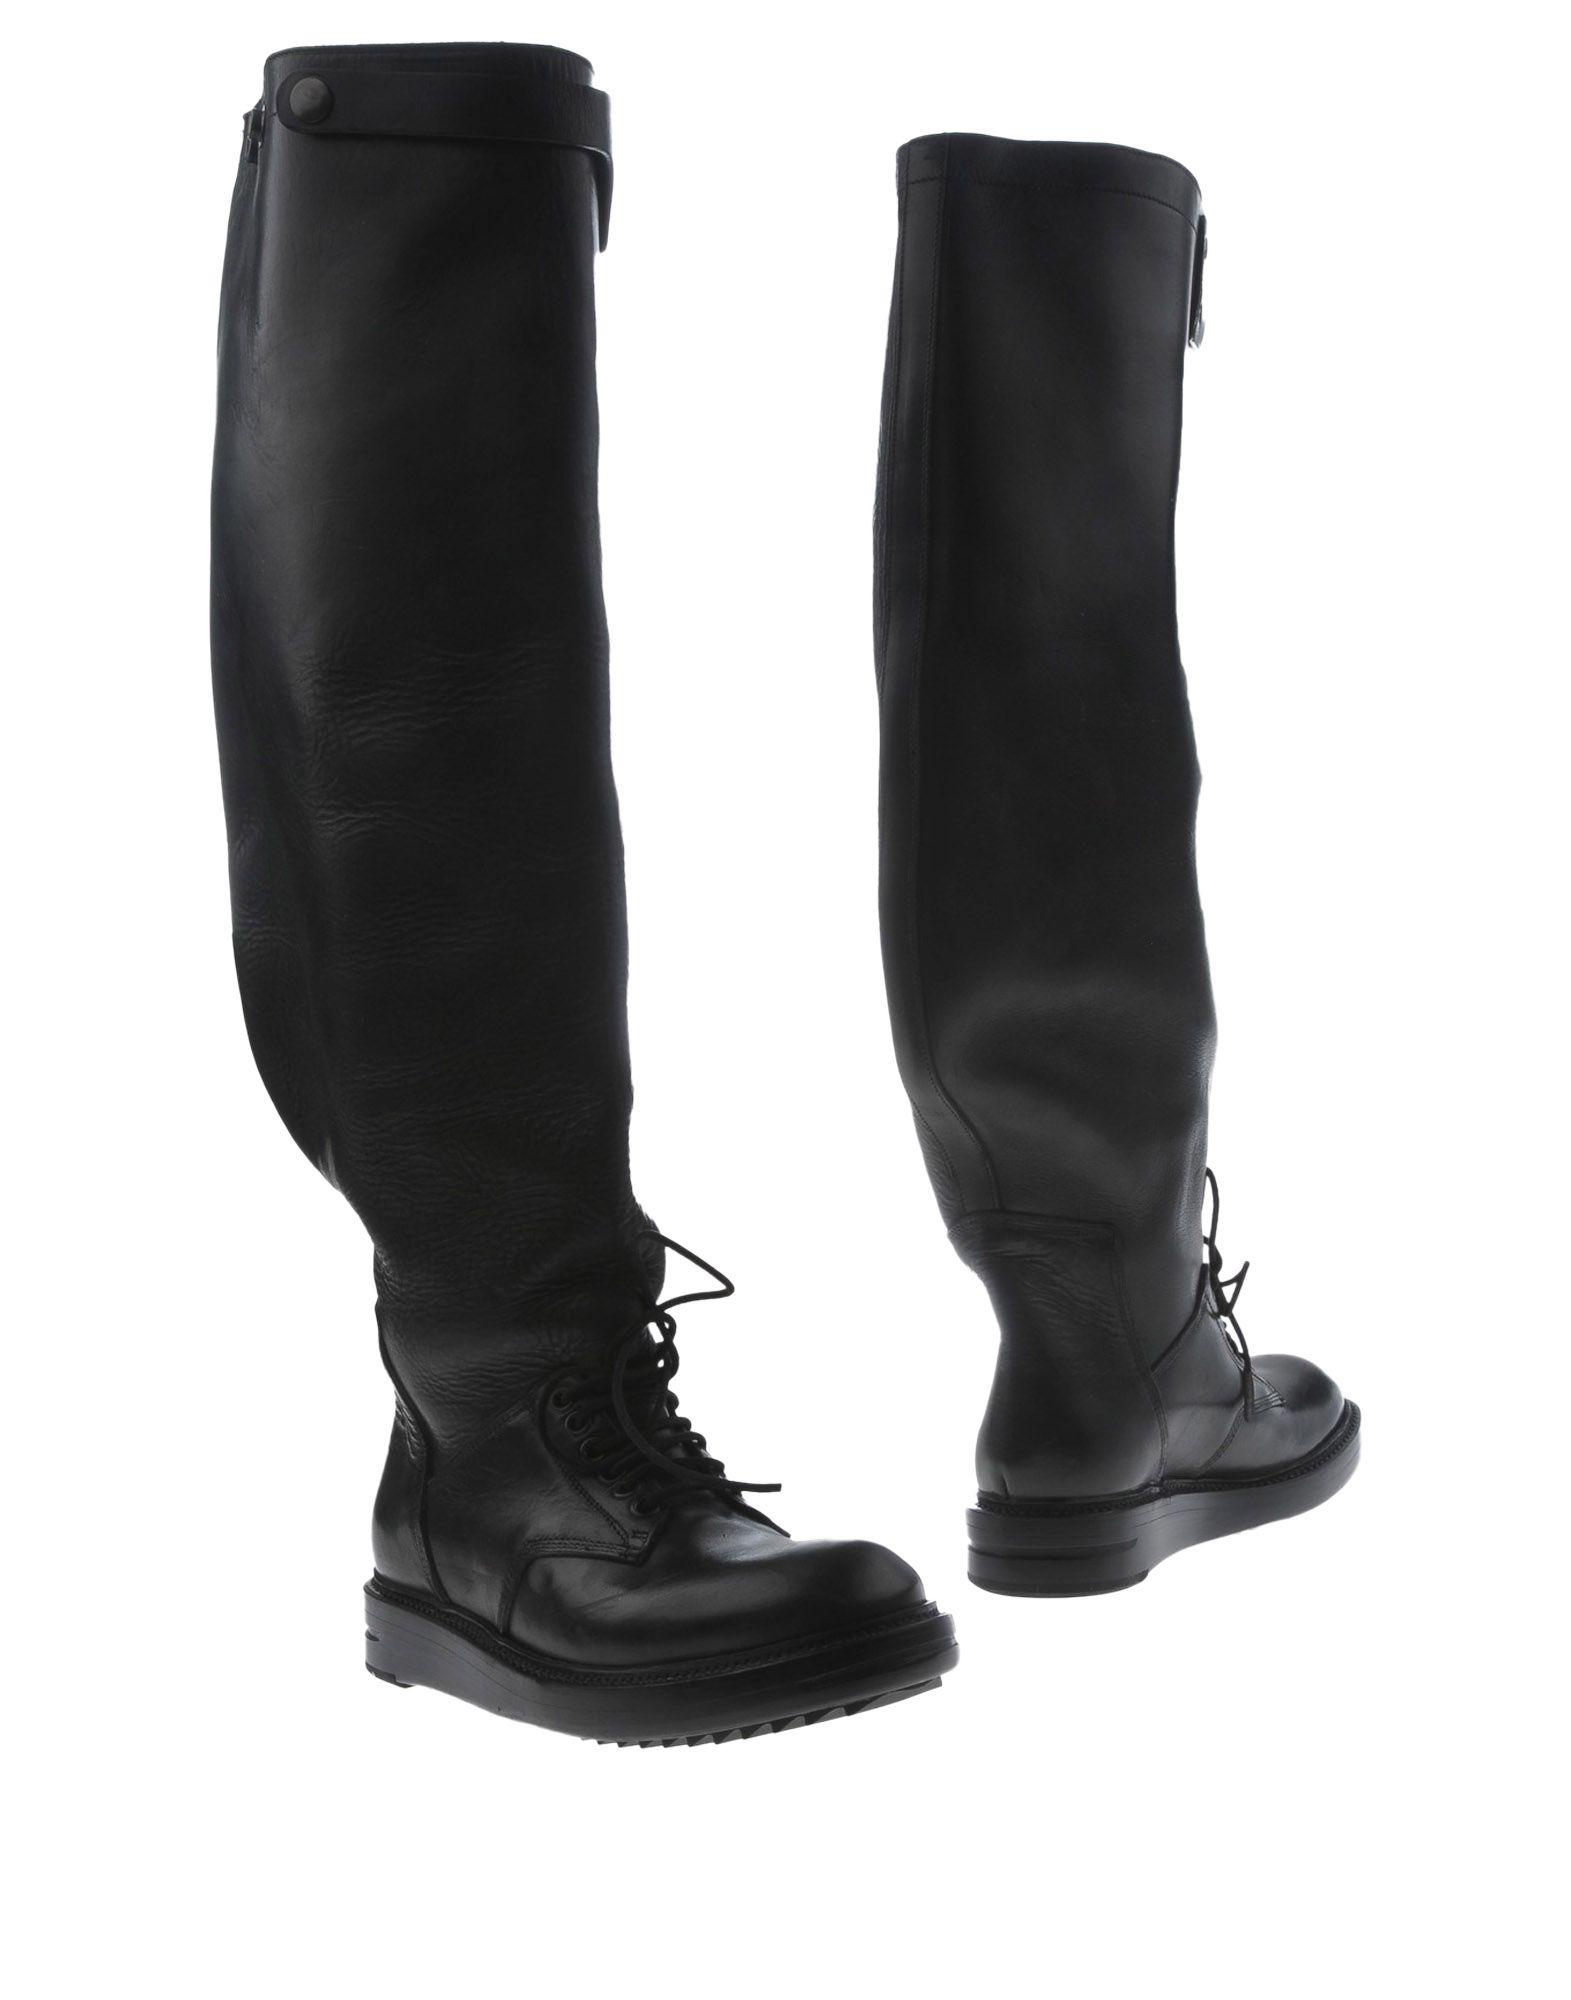 Rick Owens Neue Stiefel Damen  11276362HB Neue Owens Schuhe ae31d5